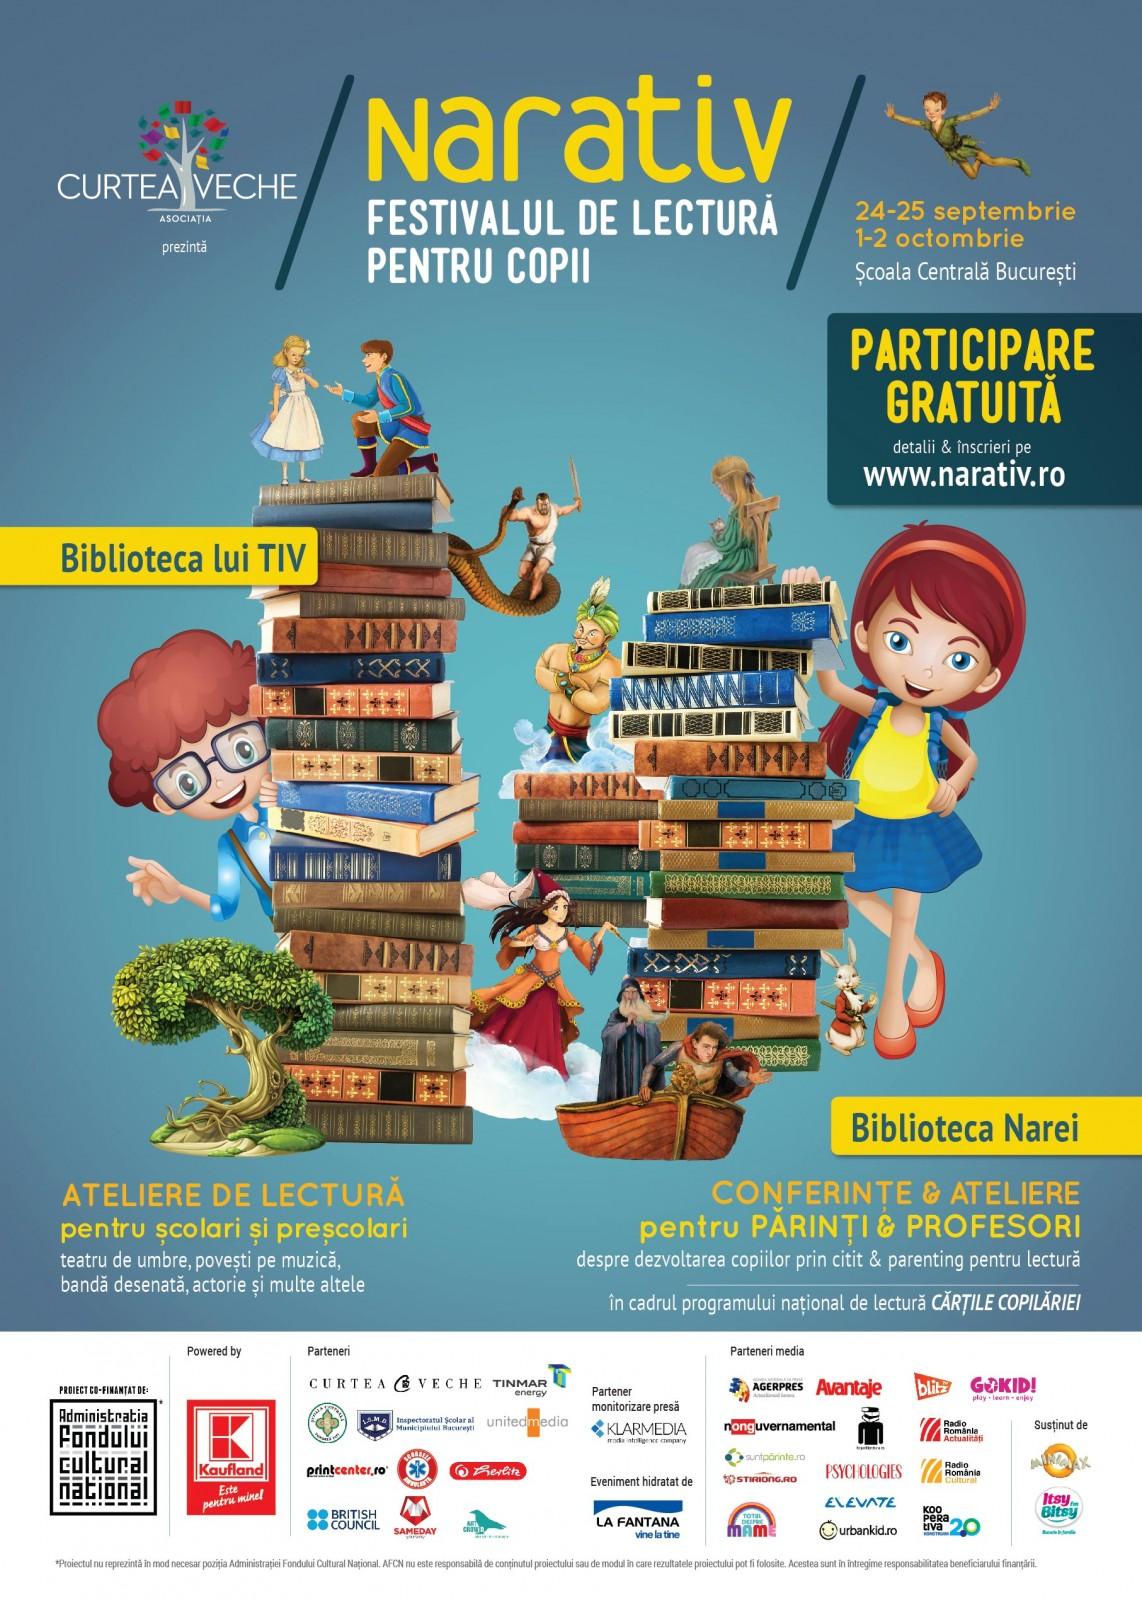 Festival de lectură pentru copii